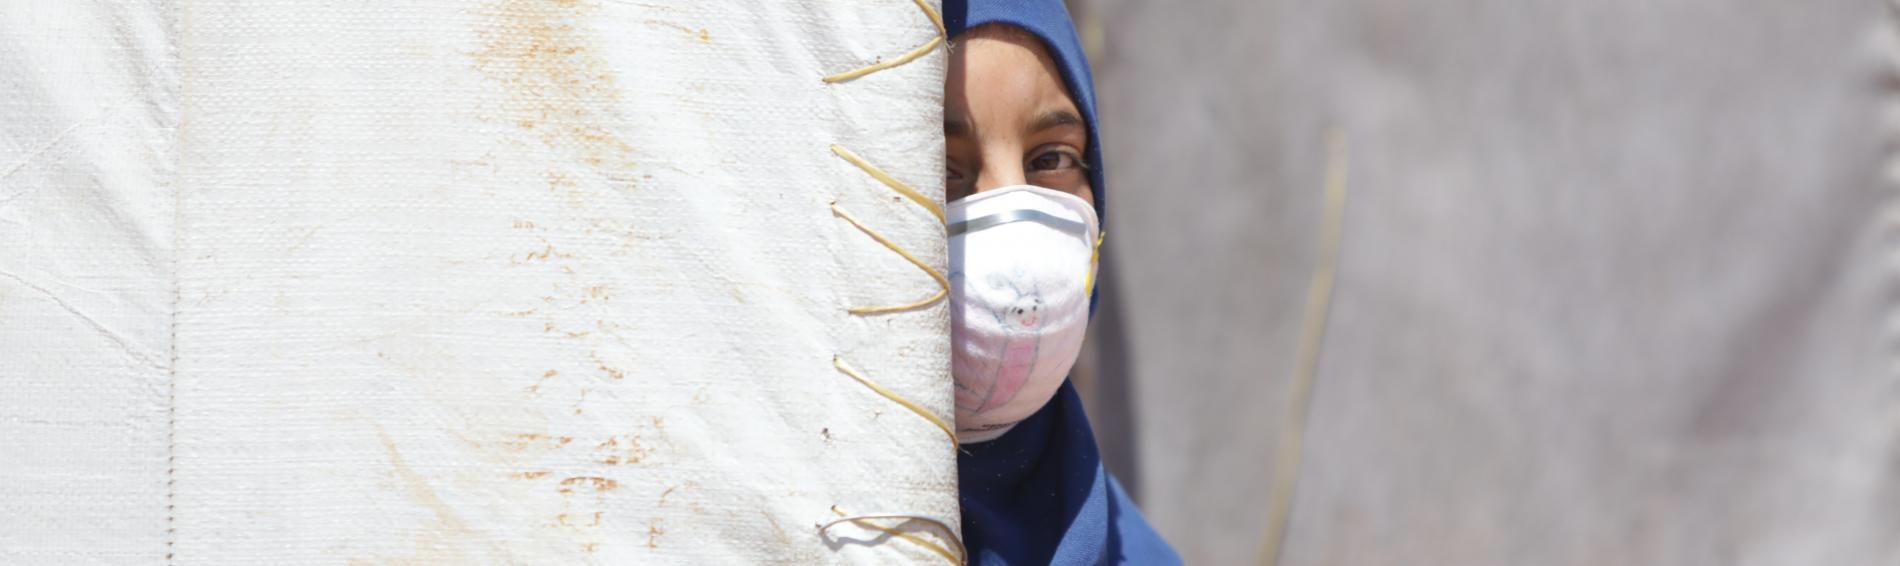 Hunderttausende Geflüchtete haben in Syrien keine richtige Unterkunft. Foto: Bassam Khabieh / Reuters